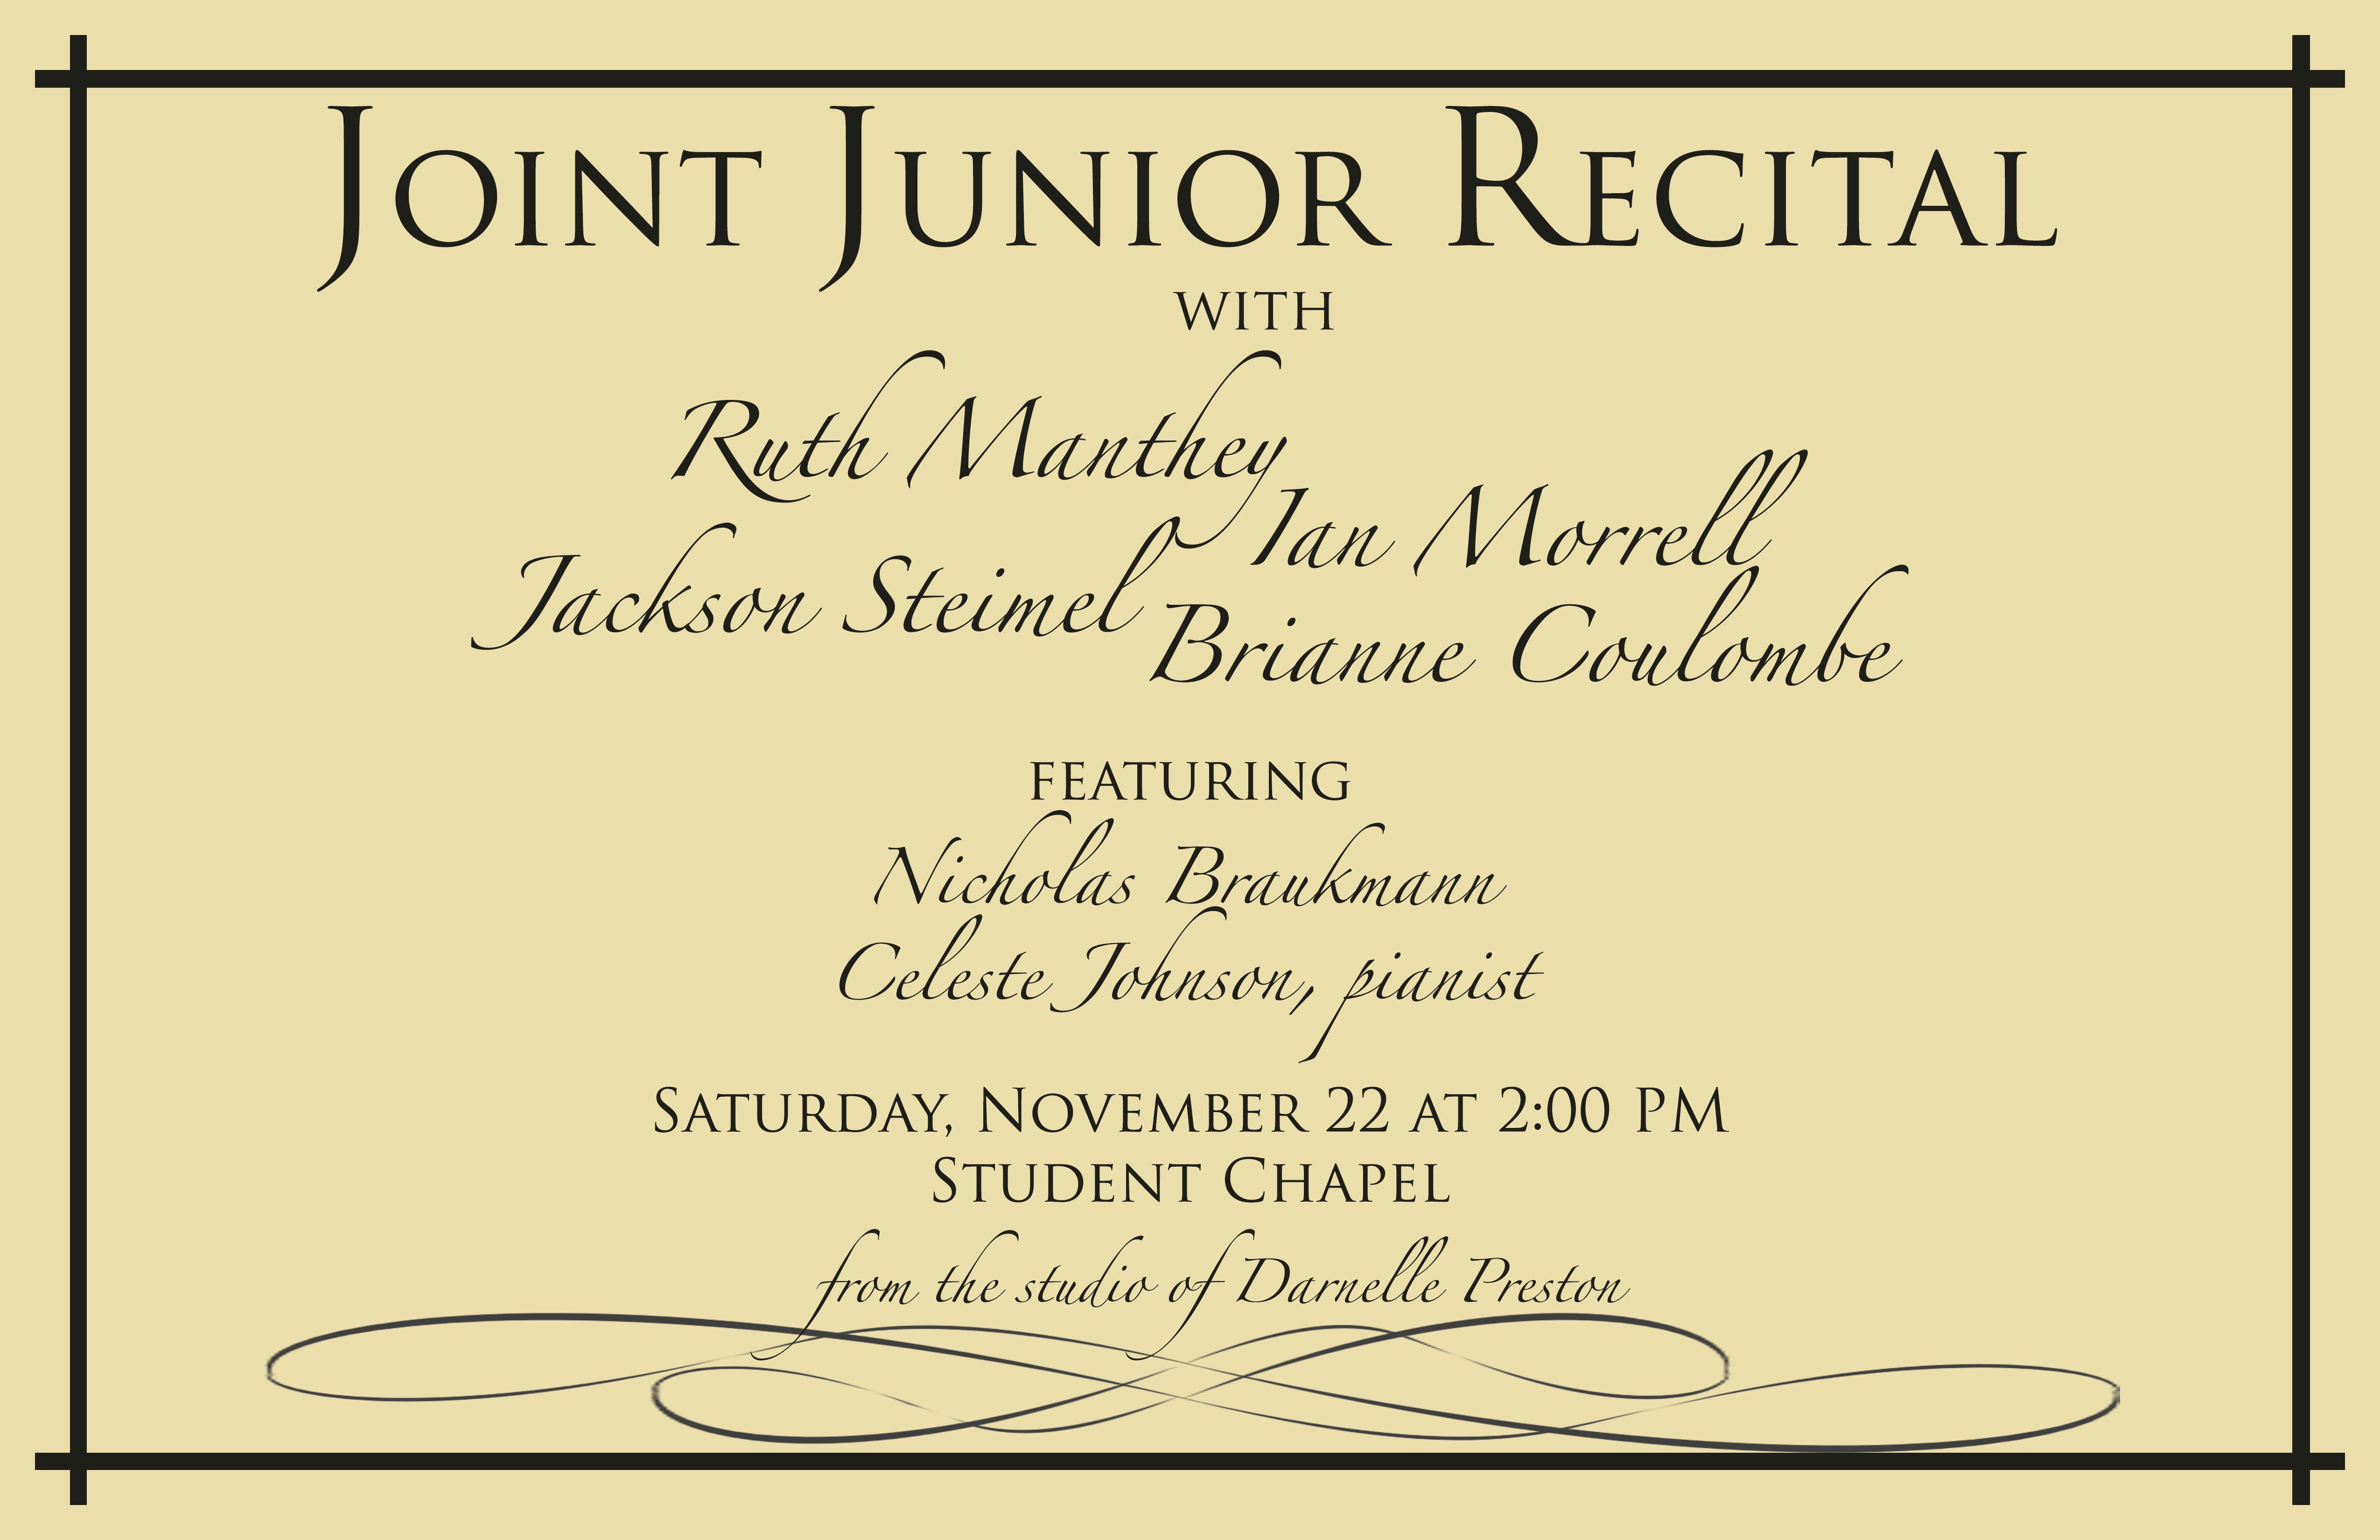 Darnelle Preston S Students Shine Student Pianist Recital